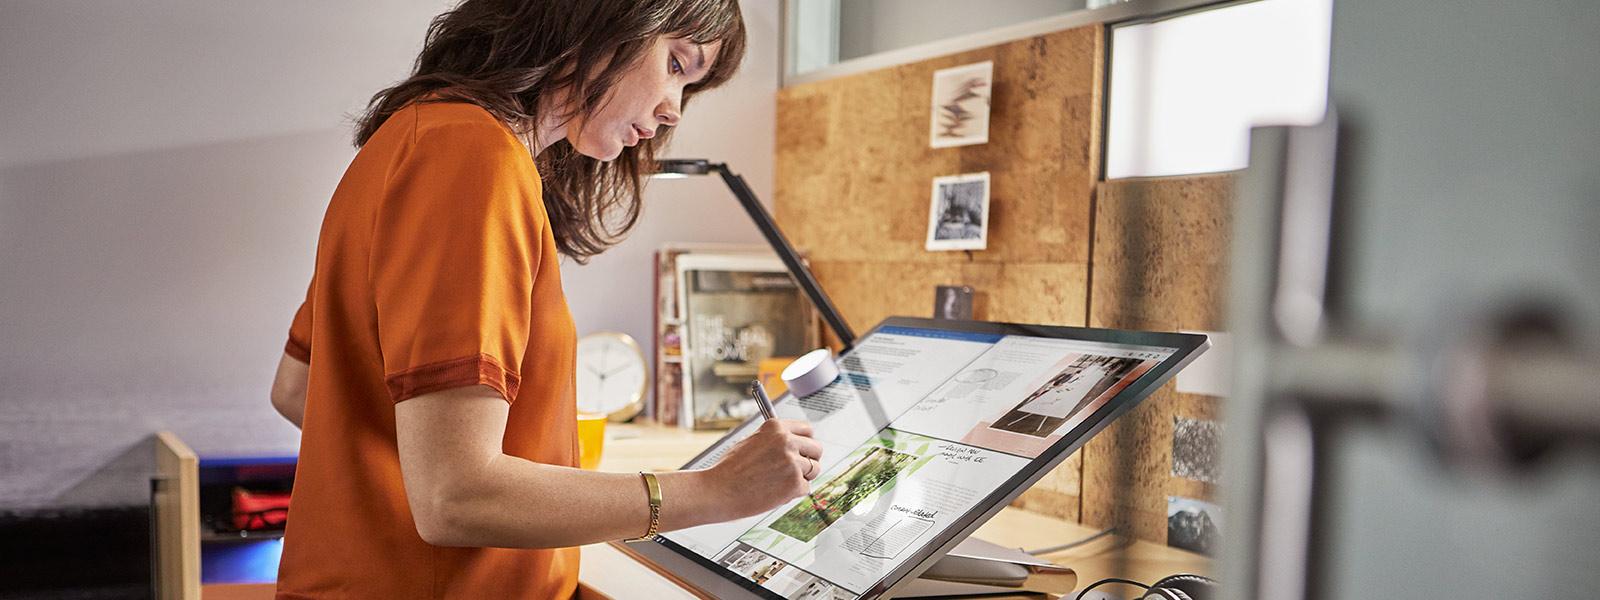 Frau verwendet Stift auf Surface Studio.